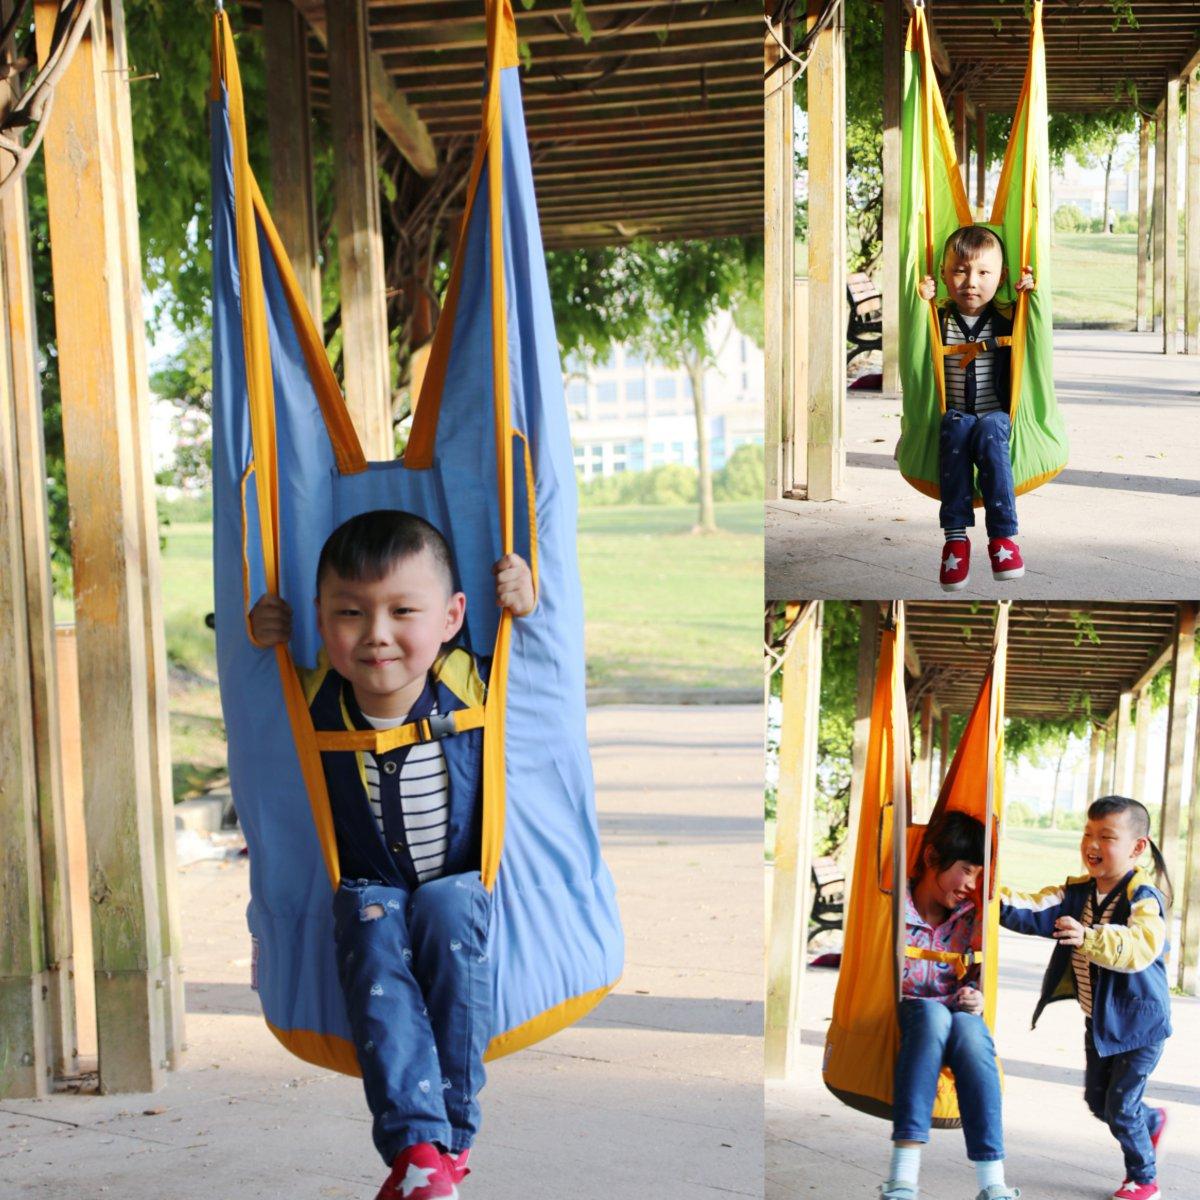 Enfants d'intérieur en plein air enfants balançoire chaise siège suspendu hamacs balançoire sac de couchage parc d'attractions sport jouet chaise balançoires